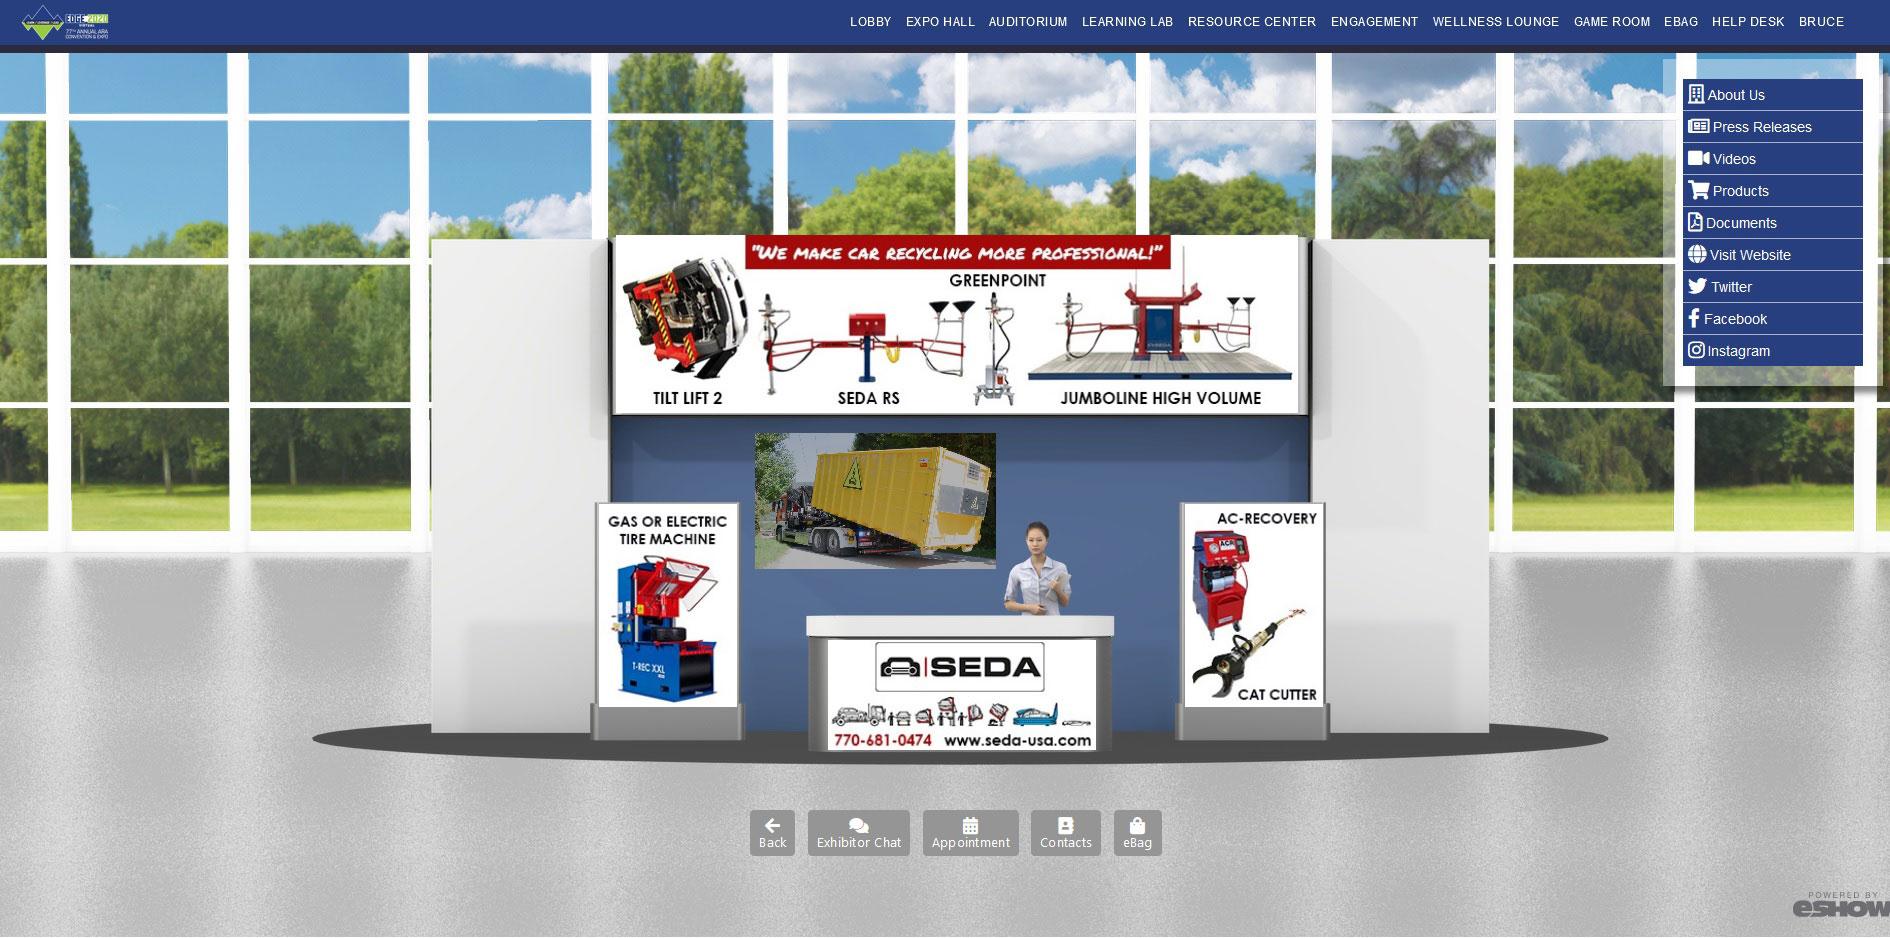 ARA EDGE 2020 - Virtual ARA EDGE 2020